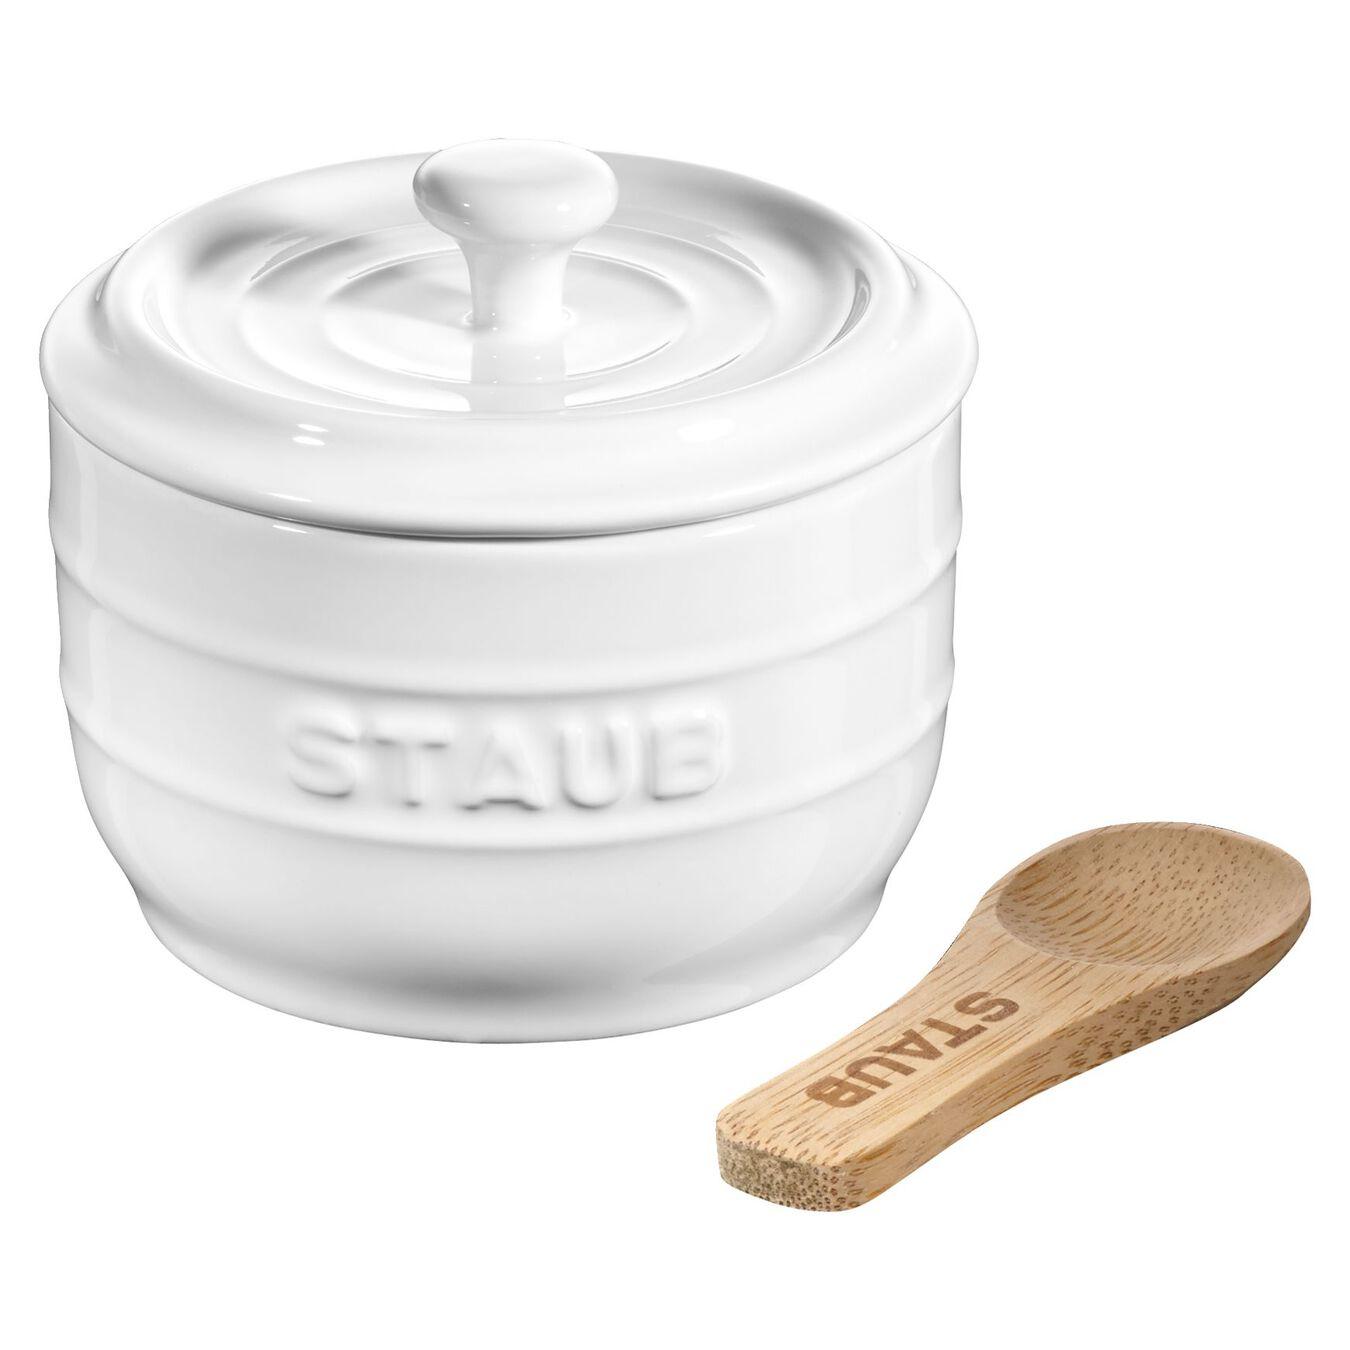 Salzgefäß Reinweiß, Keramik,,large 1